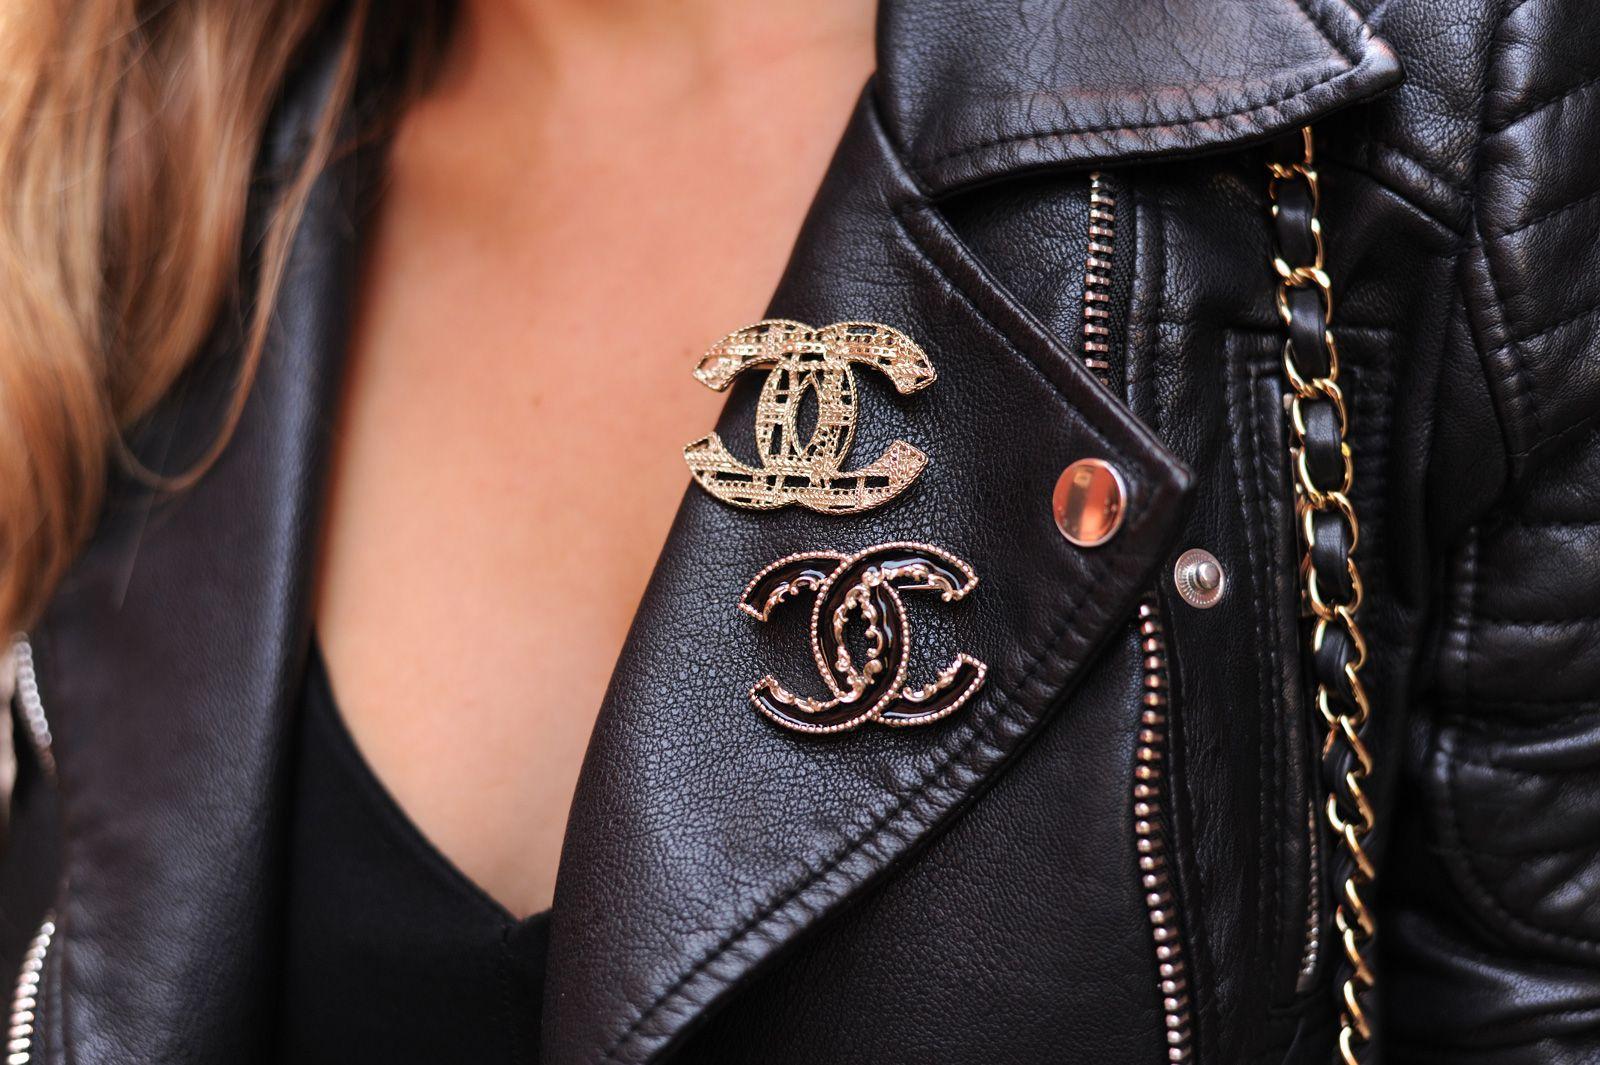 #chanel #details #vintagepins #leatherjacket